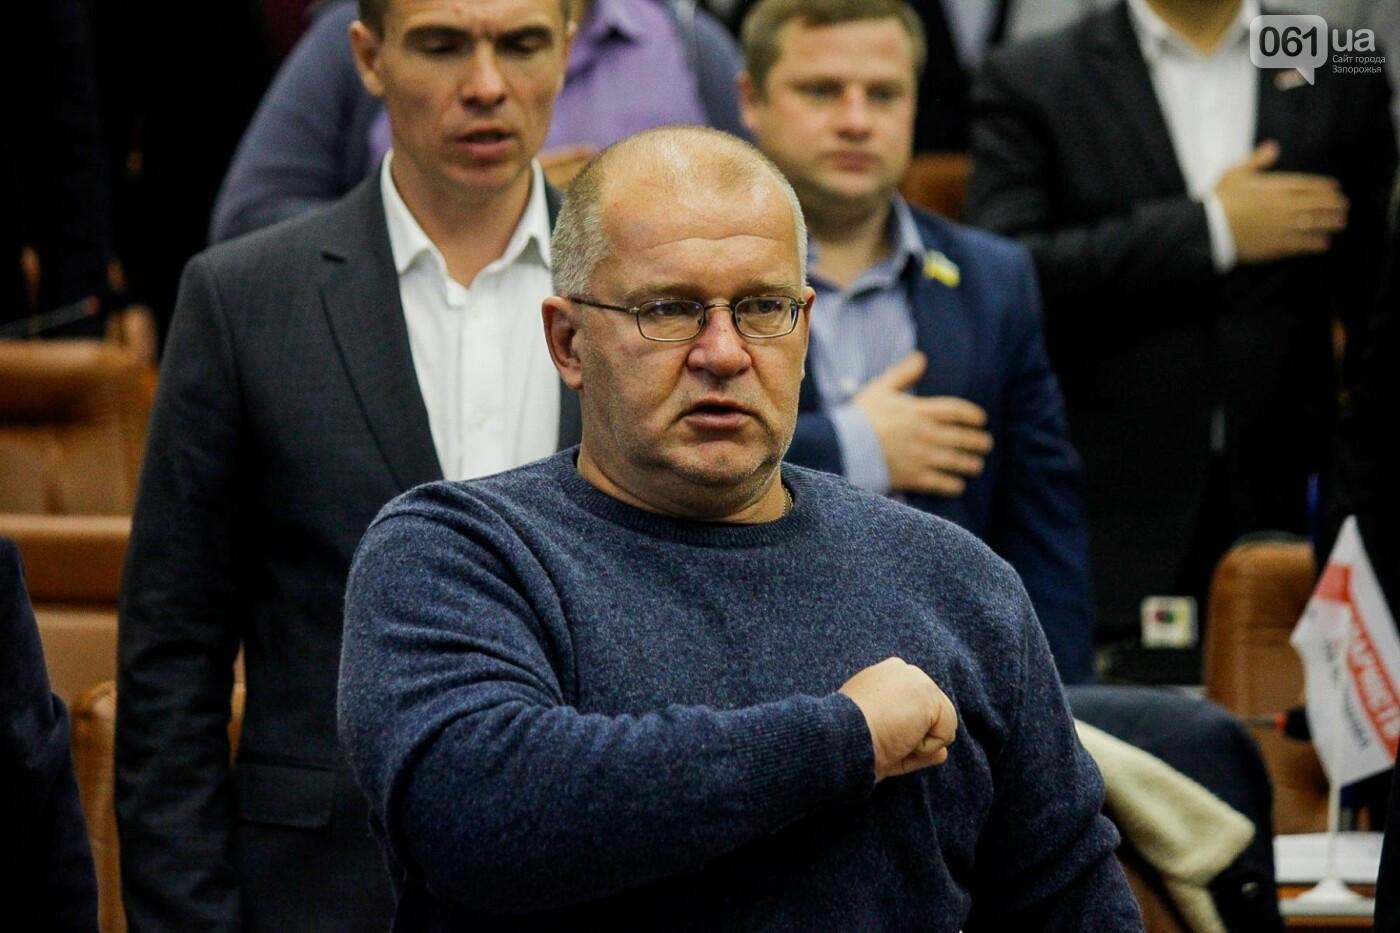 Сессия запорожского горсовета в 55 фотографиях, - ФОТОРЕПОРТАЖ, фото-38